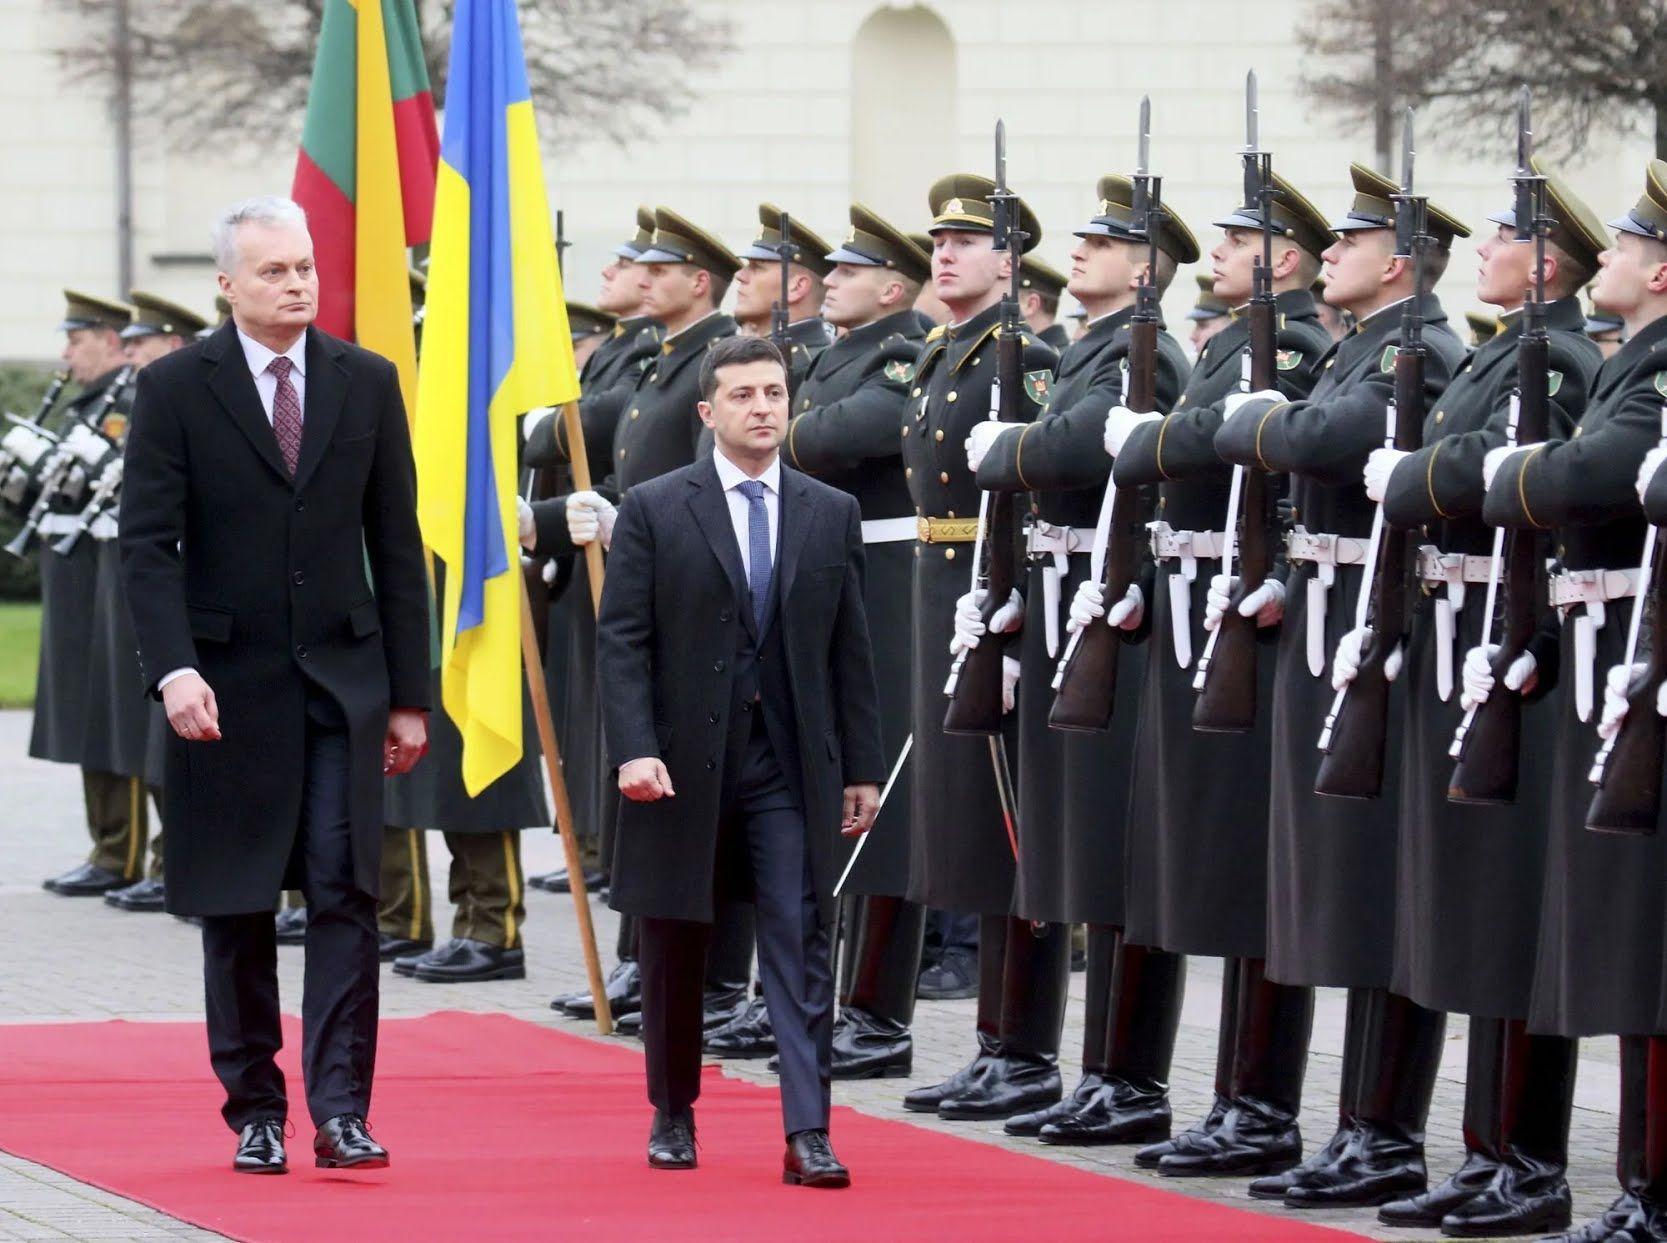 Гитанас Науседа и Владимир Зеленский